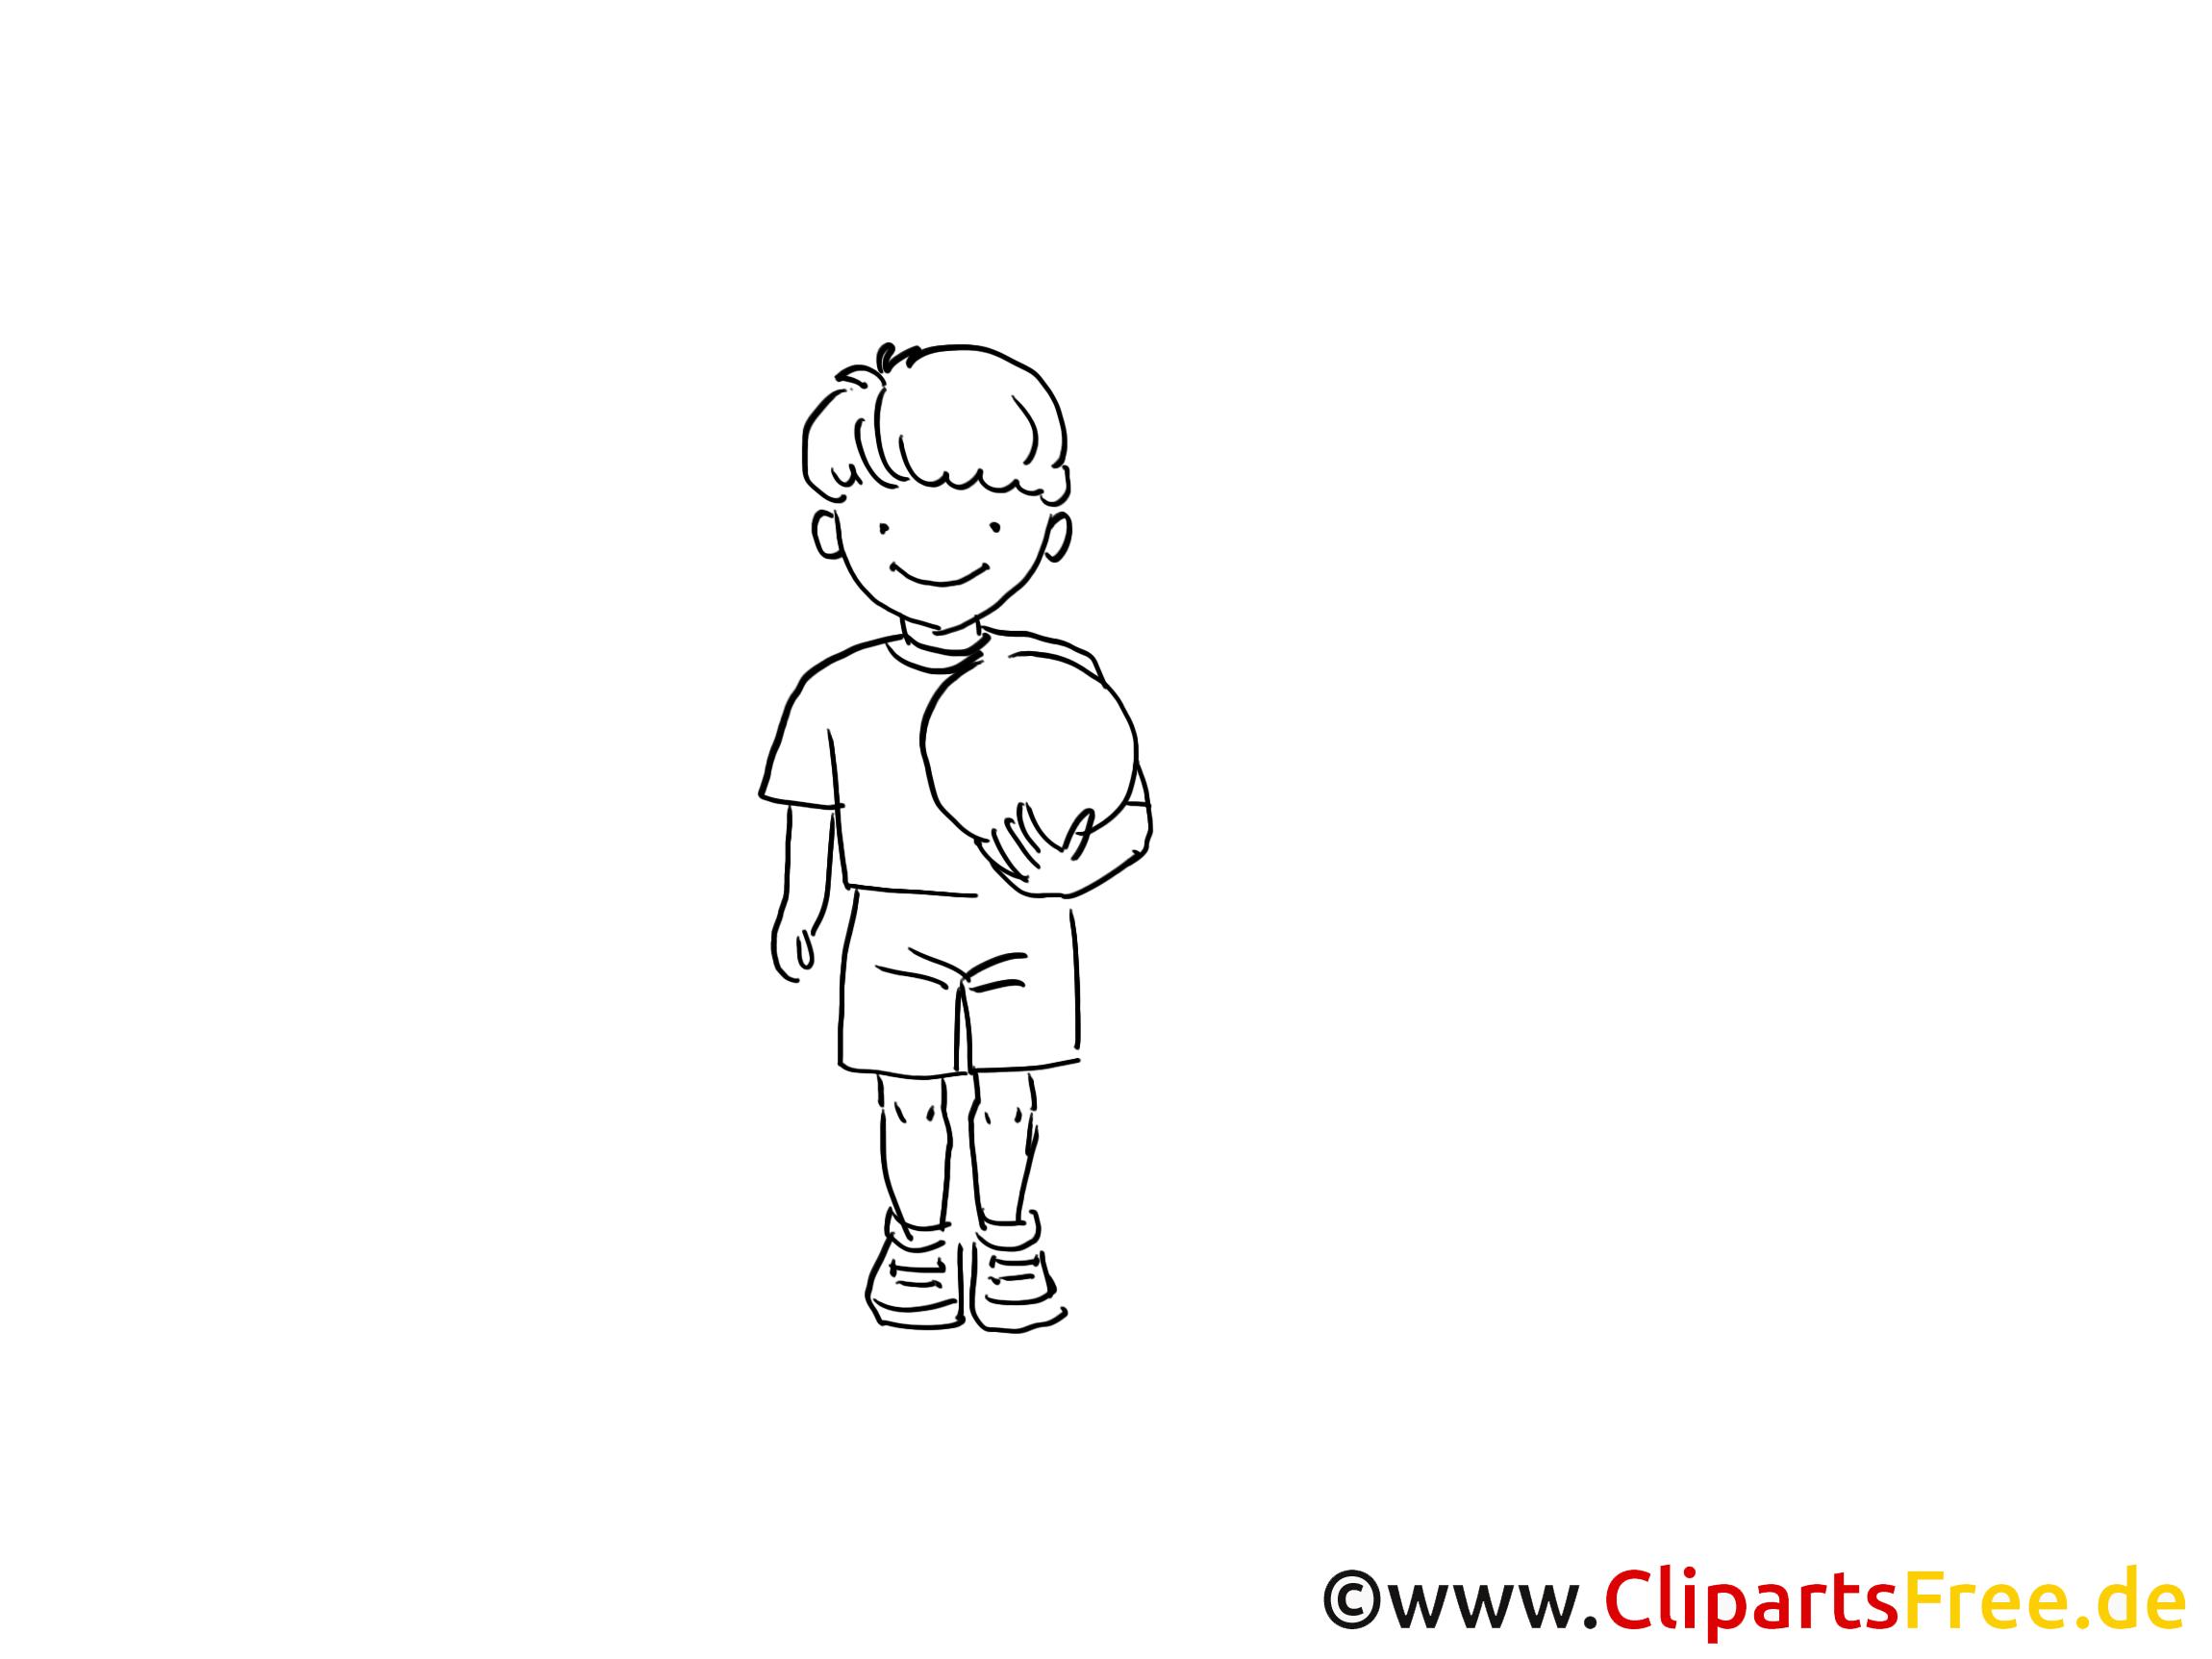 Balle coloriage – Joueur images gratuites